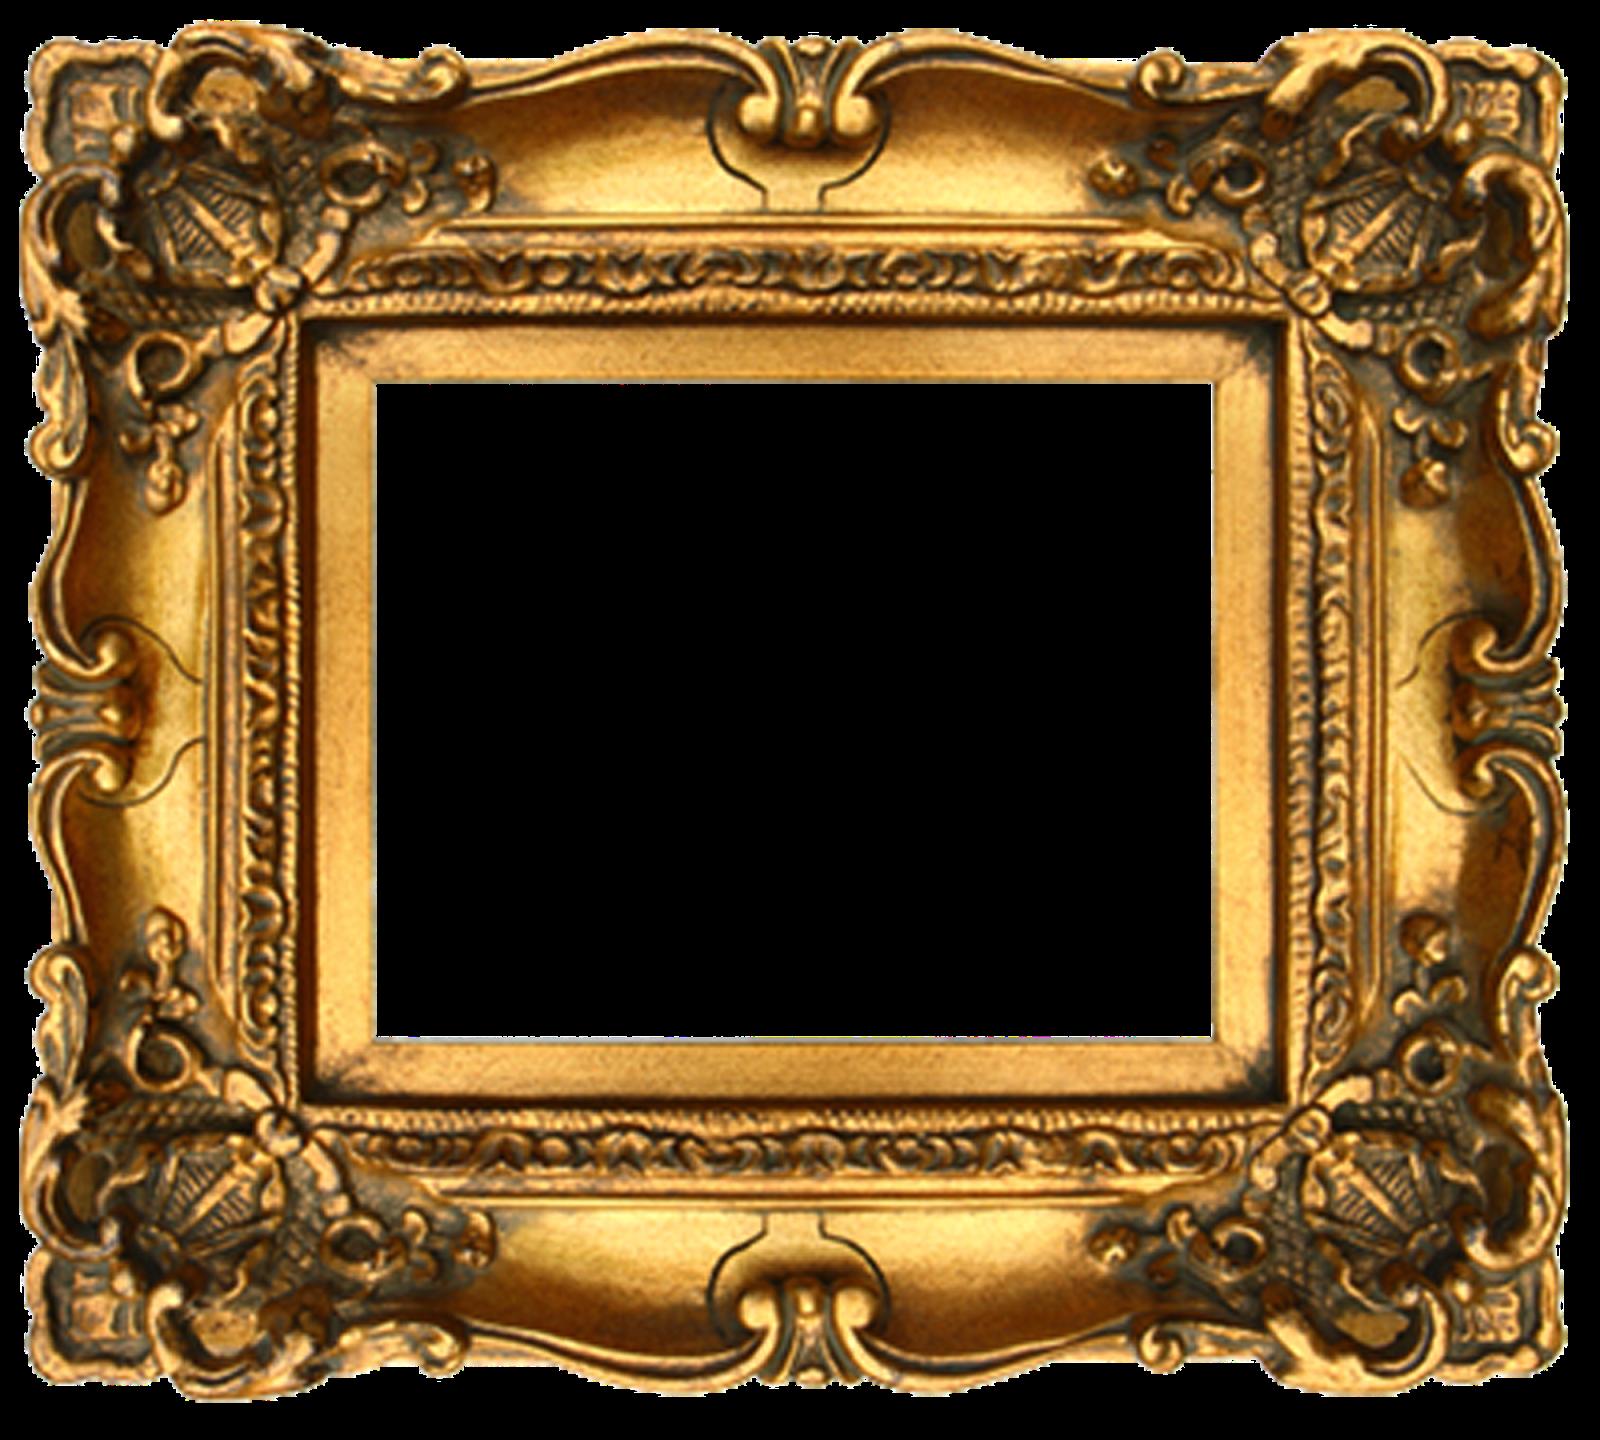 Vintage Gold Gilded Frames Free Printables Picture Frame Template Gold Picture Frames Antique Picture Frames